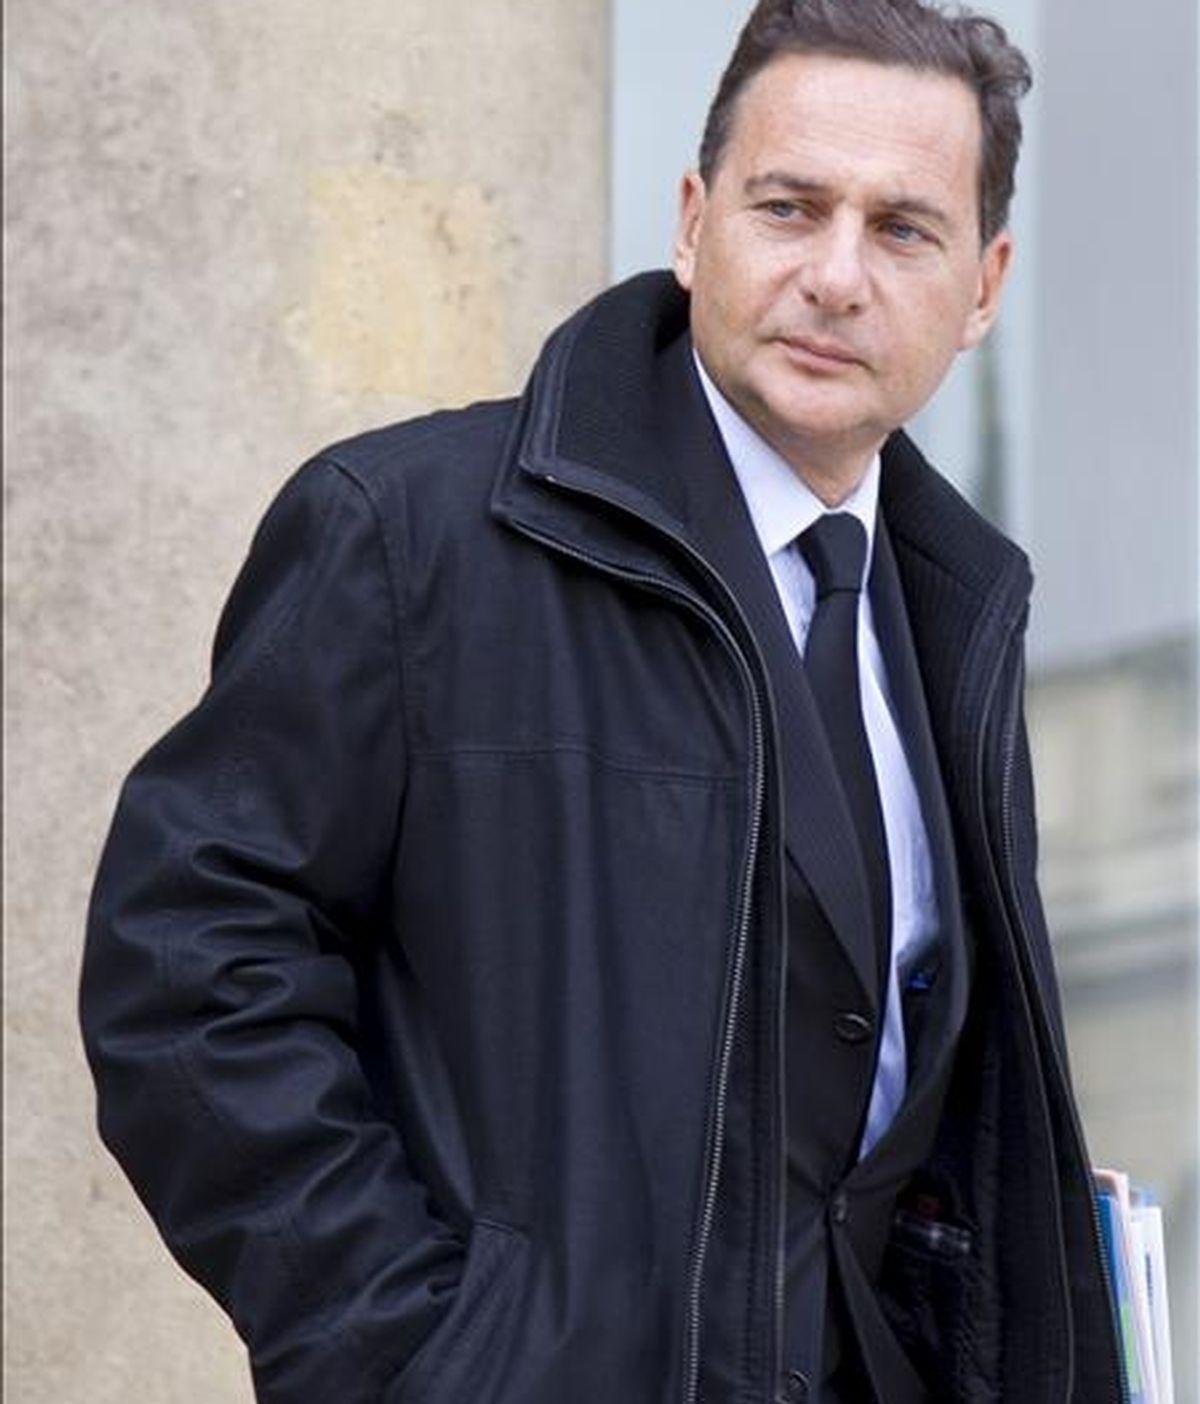 En la imagen, el ministro de Industria, Éric Besson. EFE/Archivo